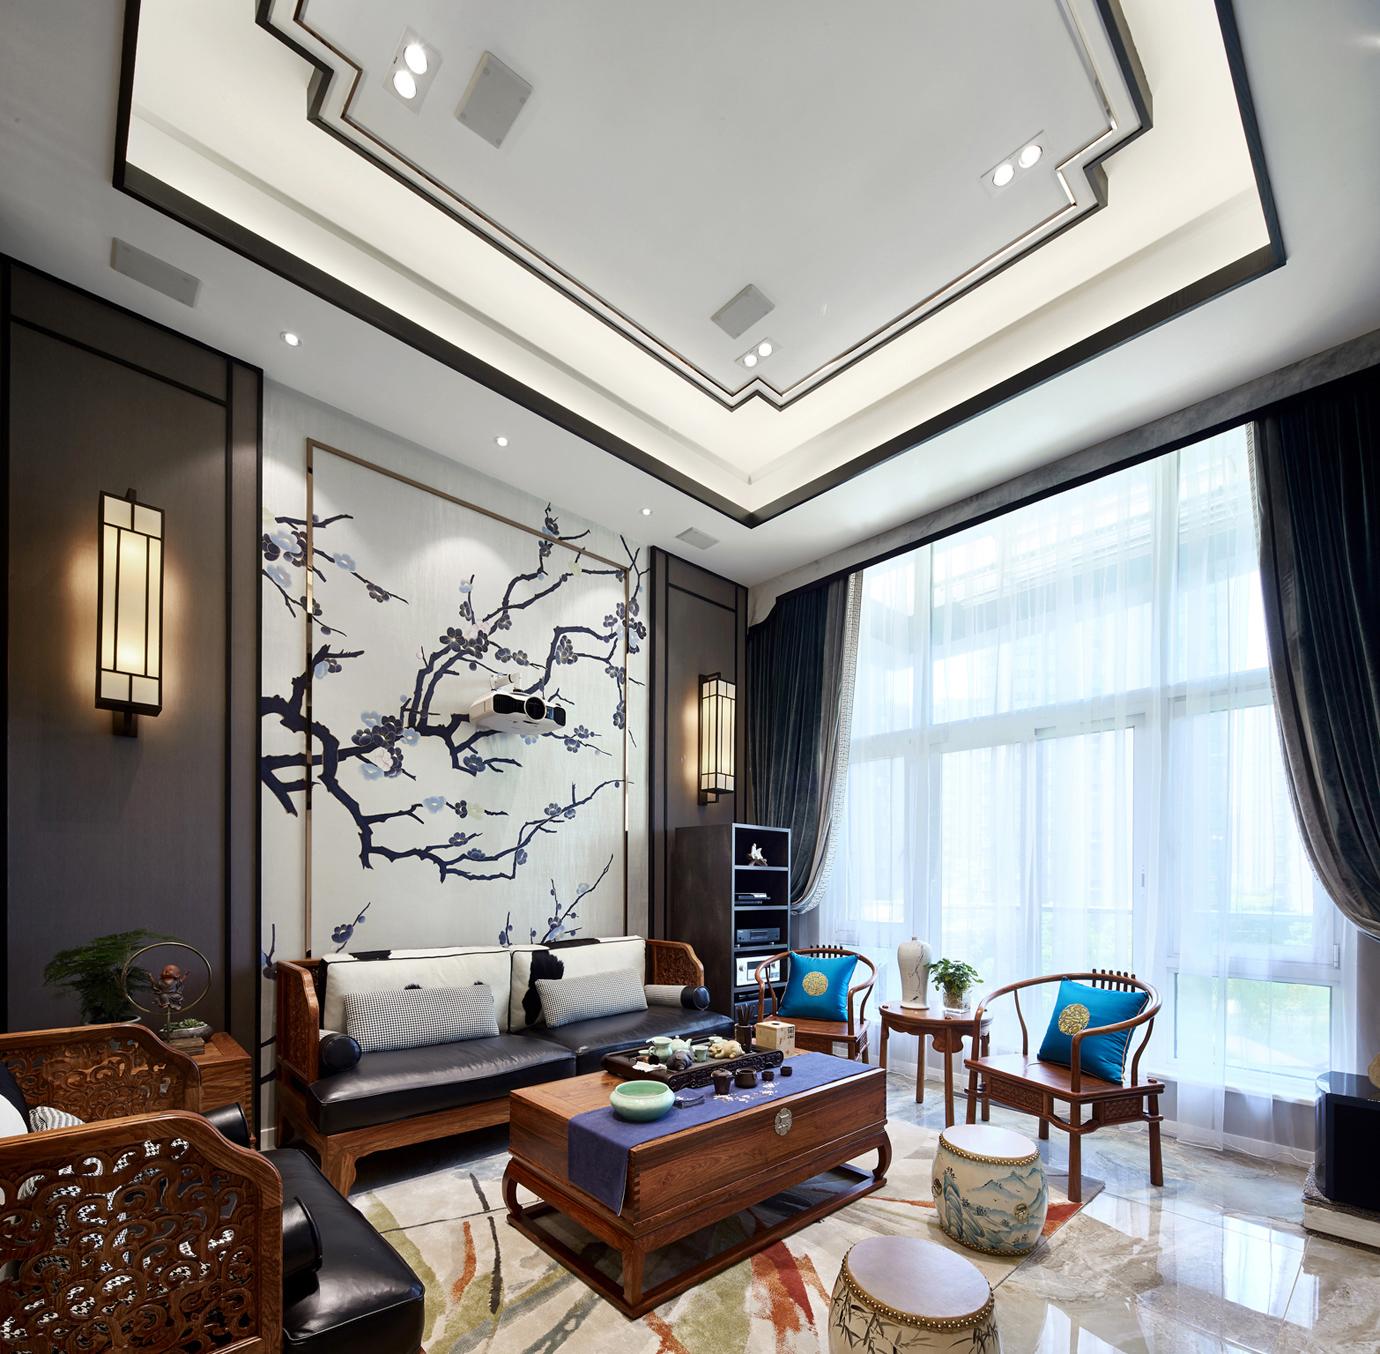 200㎡现代中式客厅吊顶装修效果图